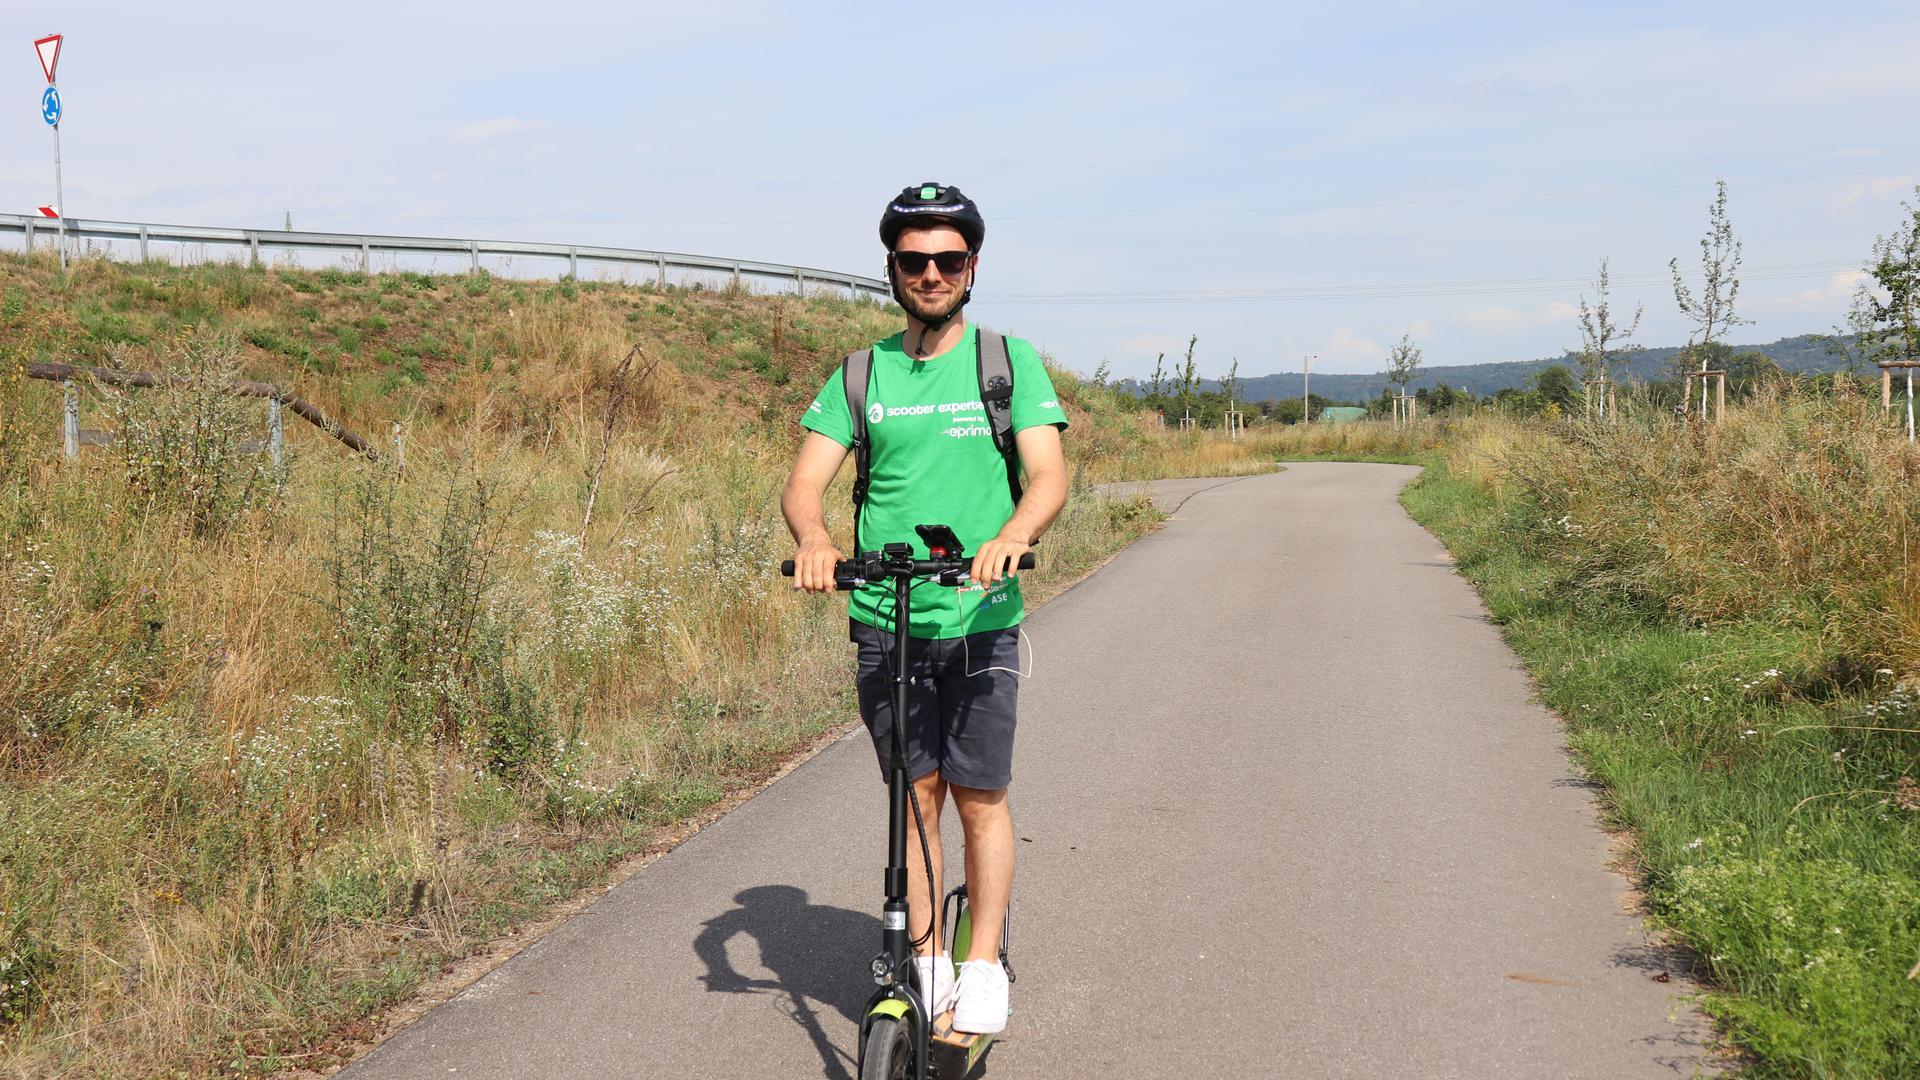 Rollerfahren ohne Muskelkraft: Igor Smeljanski ist mit seinem E-Scooter auf Tour durch Deutschland. Dabei machte er auch Halt in Bruchsal. Kritik an dem Elektro-Tretroller komme davon, dass die Menschen zu wenig informiert seien, denkt er.